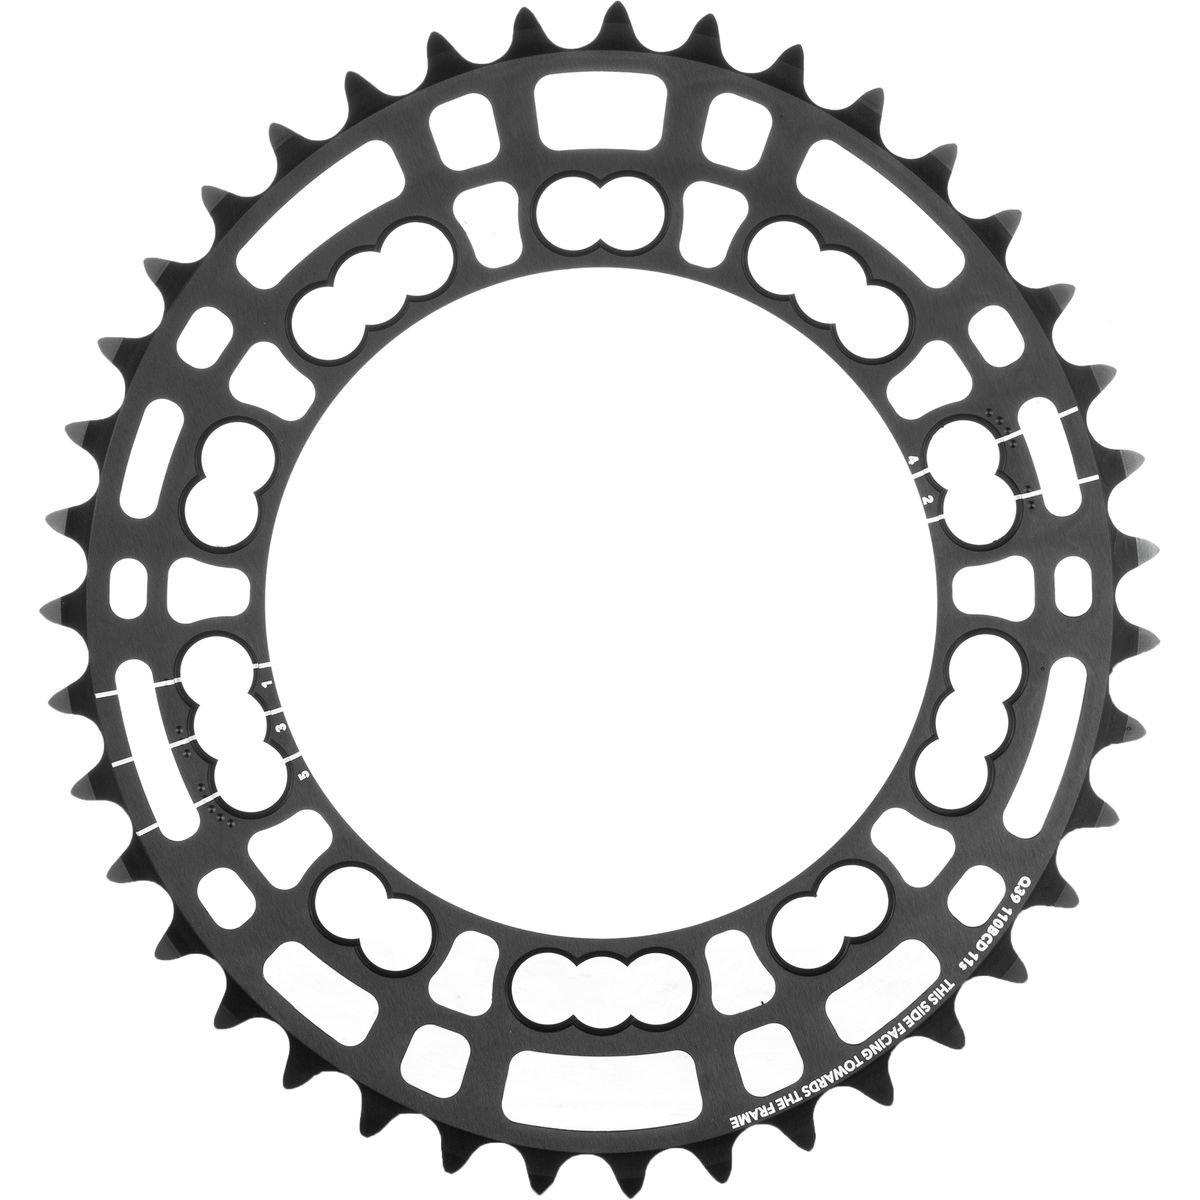 Rotor Q-Ring Road Kettenblatt 110mm 5-Arm innen schwarz Ausführung 39 Zähne 2018 Kettenblätter